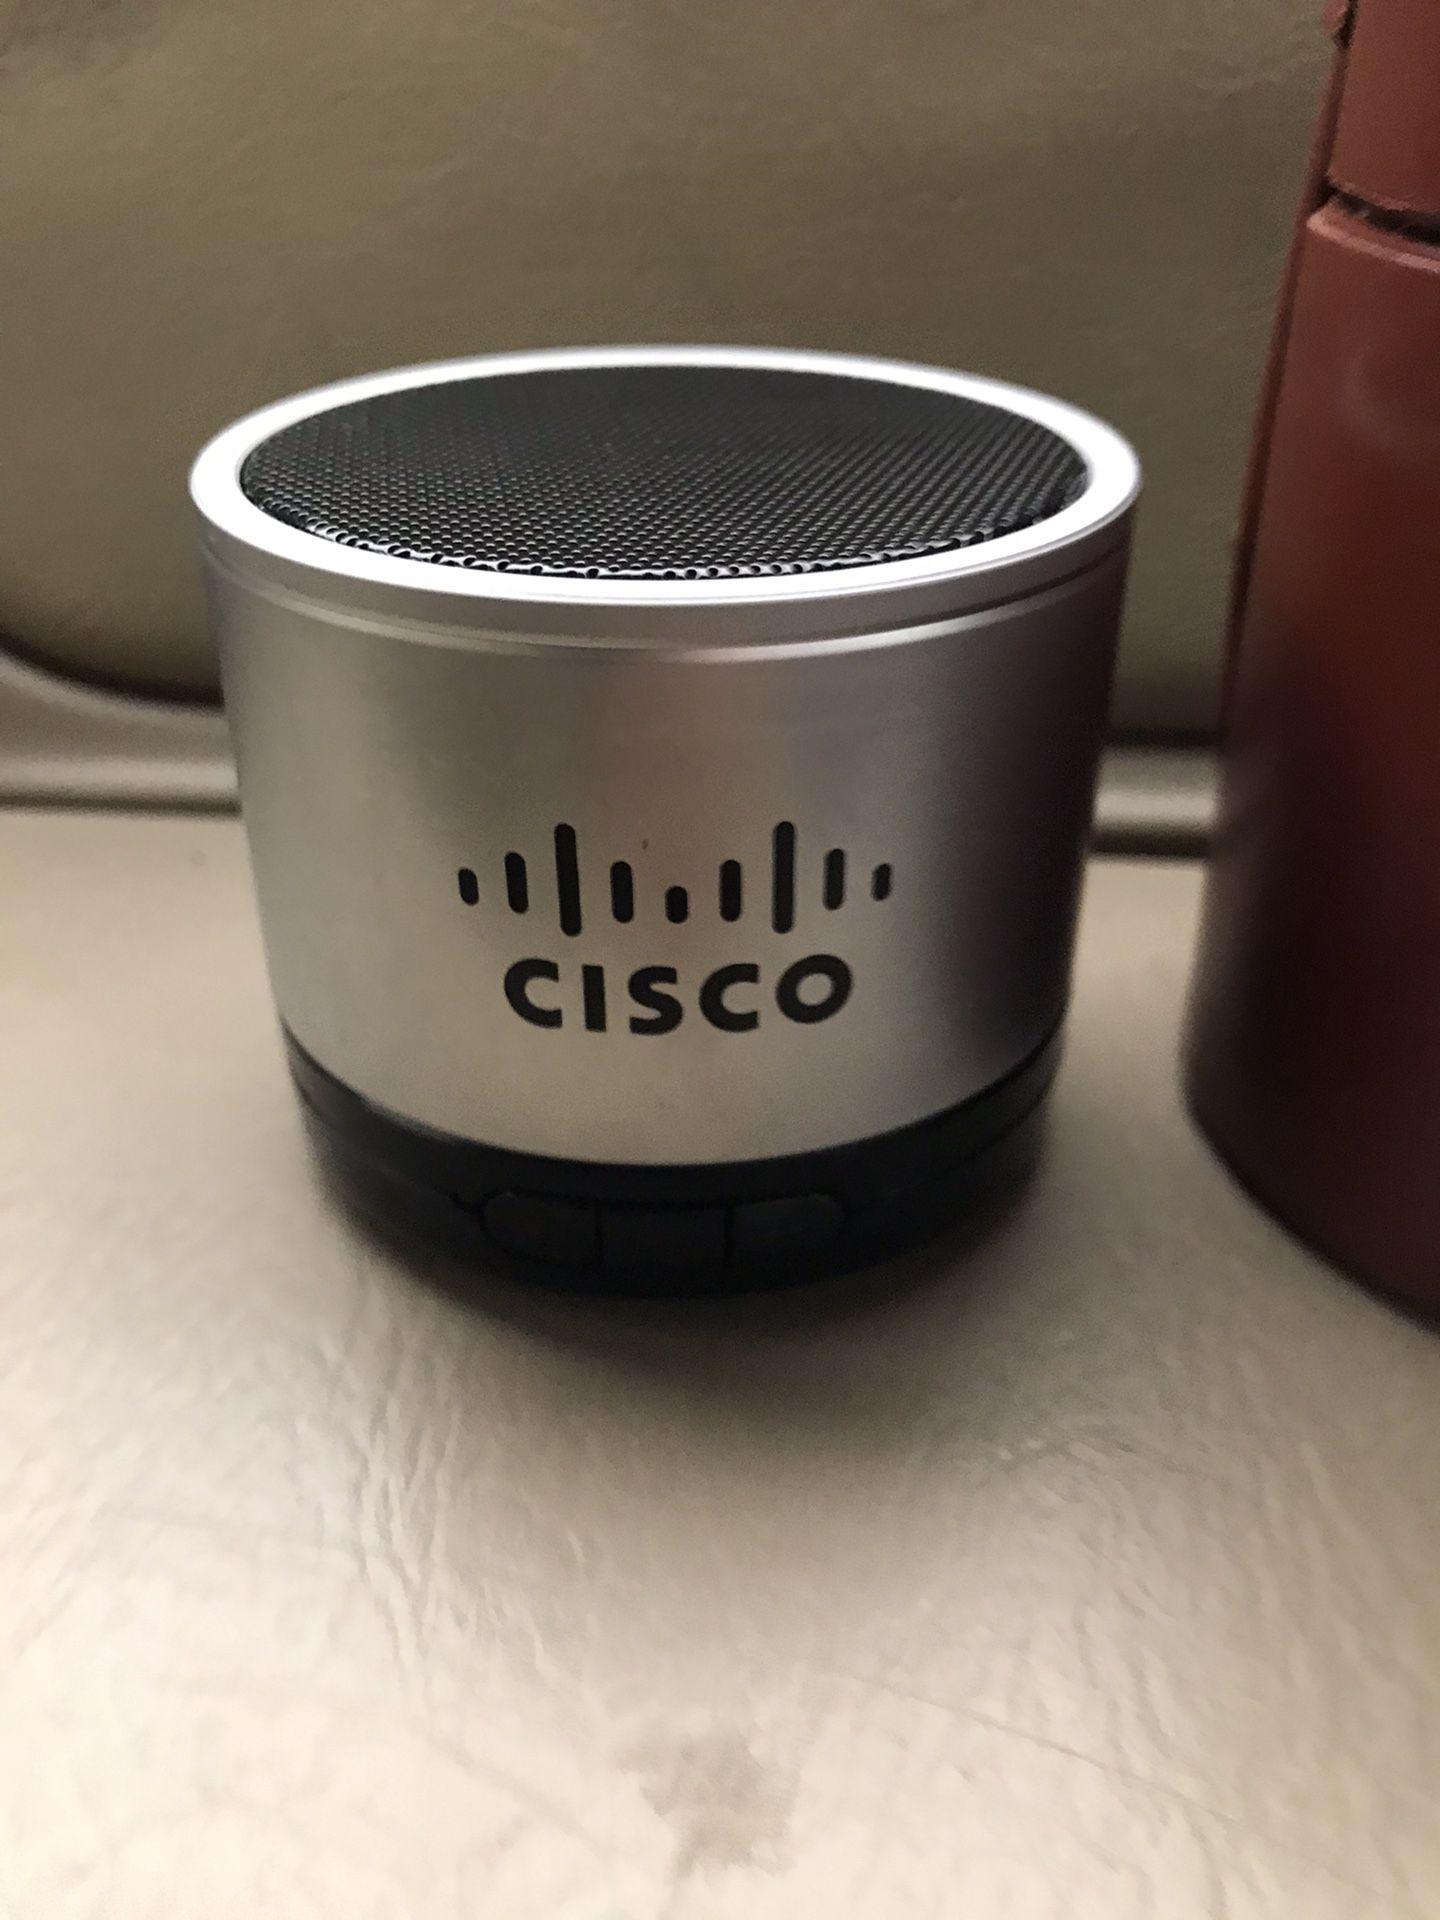 Cisco BlueRock wireless Bluetooth speaker